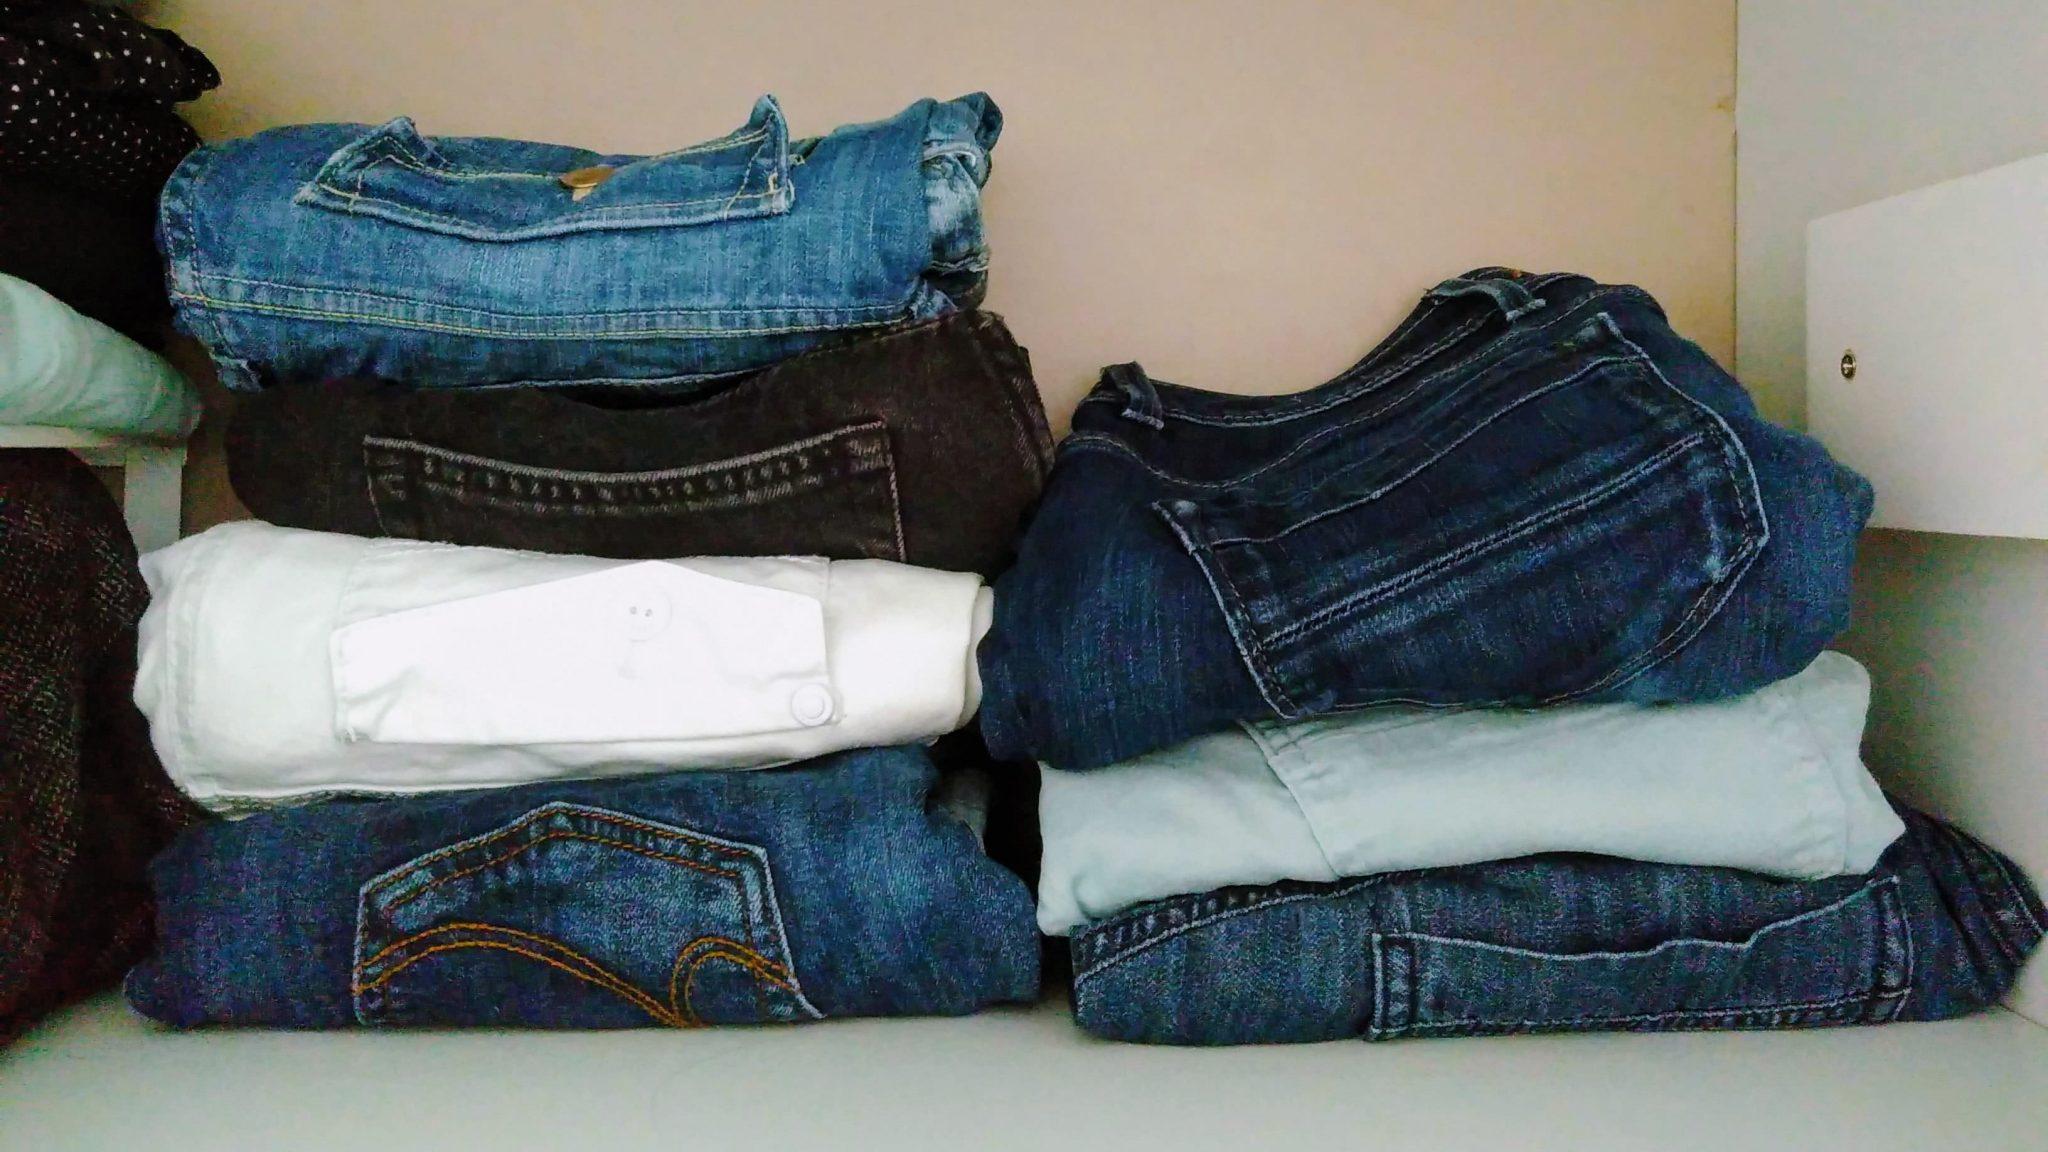 de (jeans)broeken in mijn kledingkast